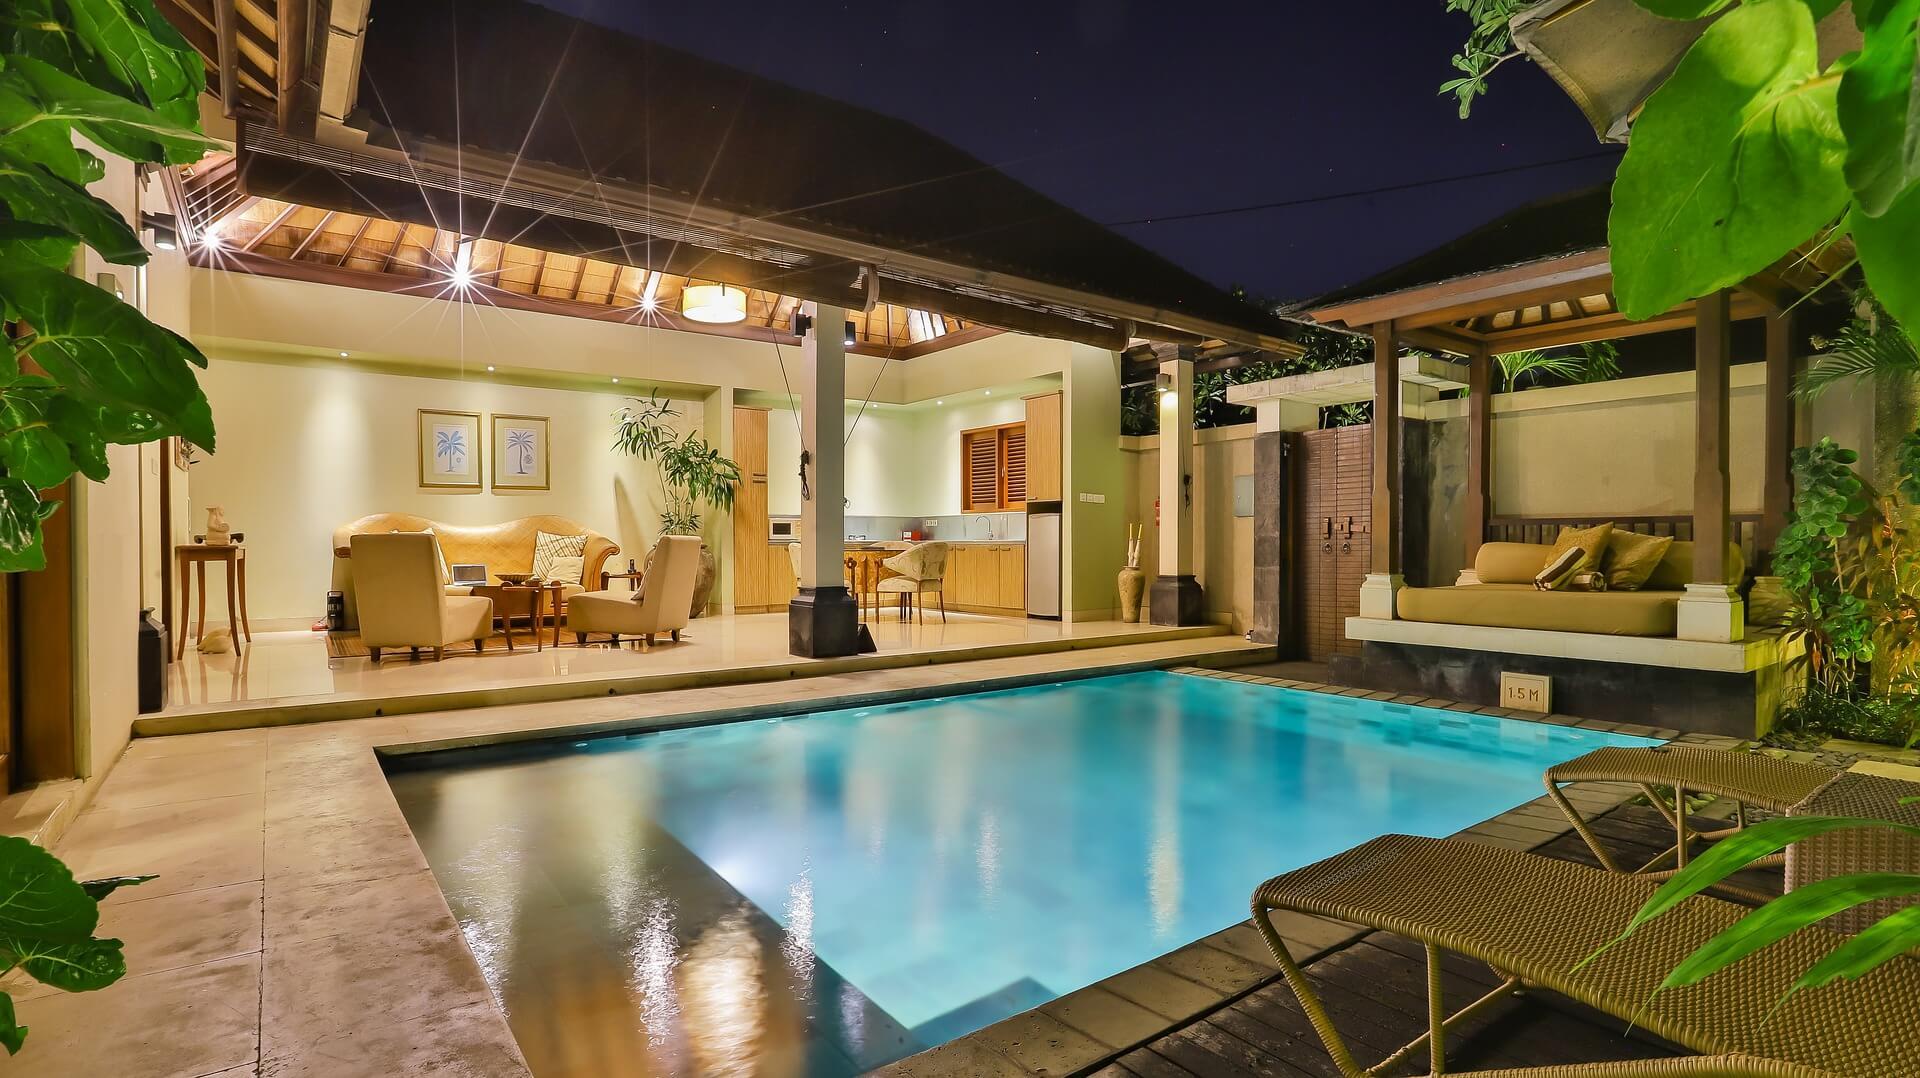 Vemos uma piscina na área externa com uma casa.